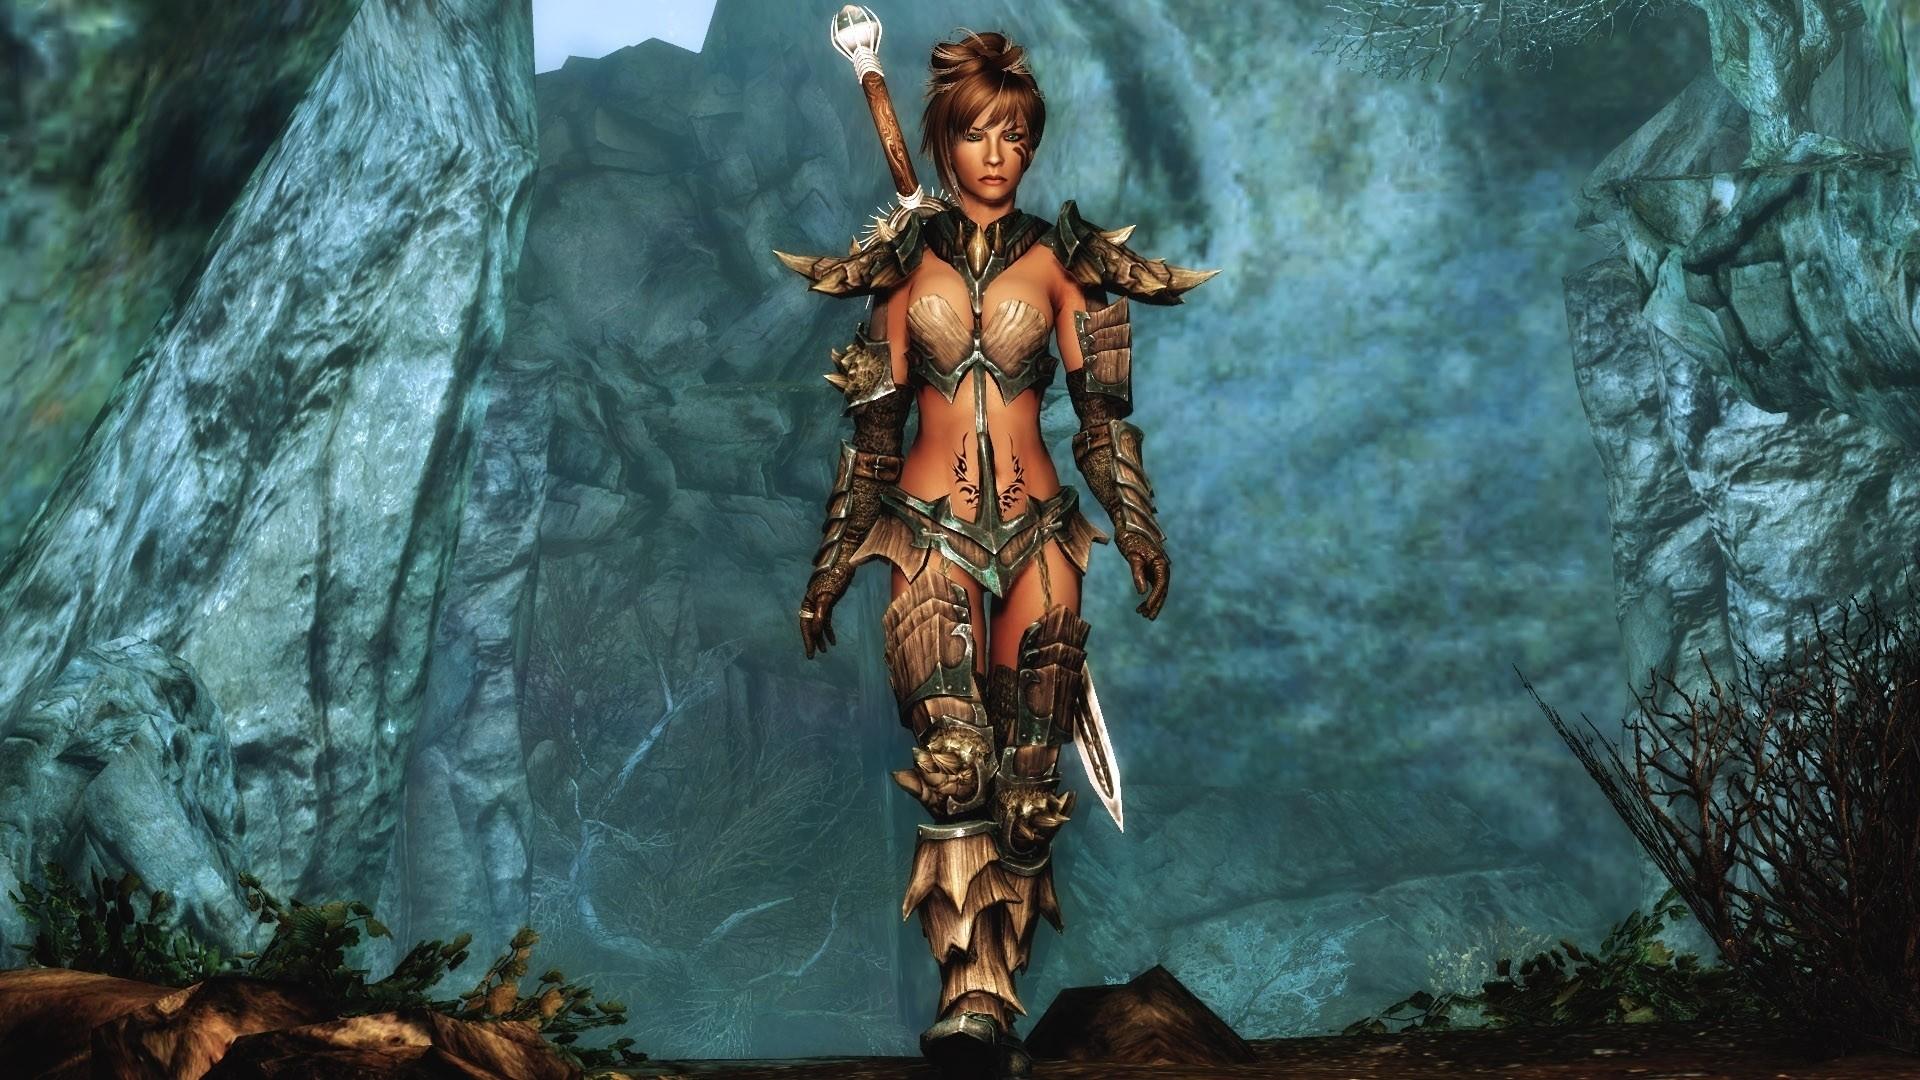 Women armor the elder scrolls v skyrim Wallpaper